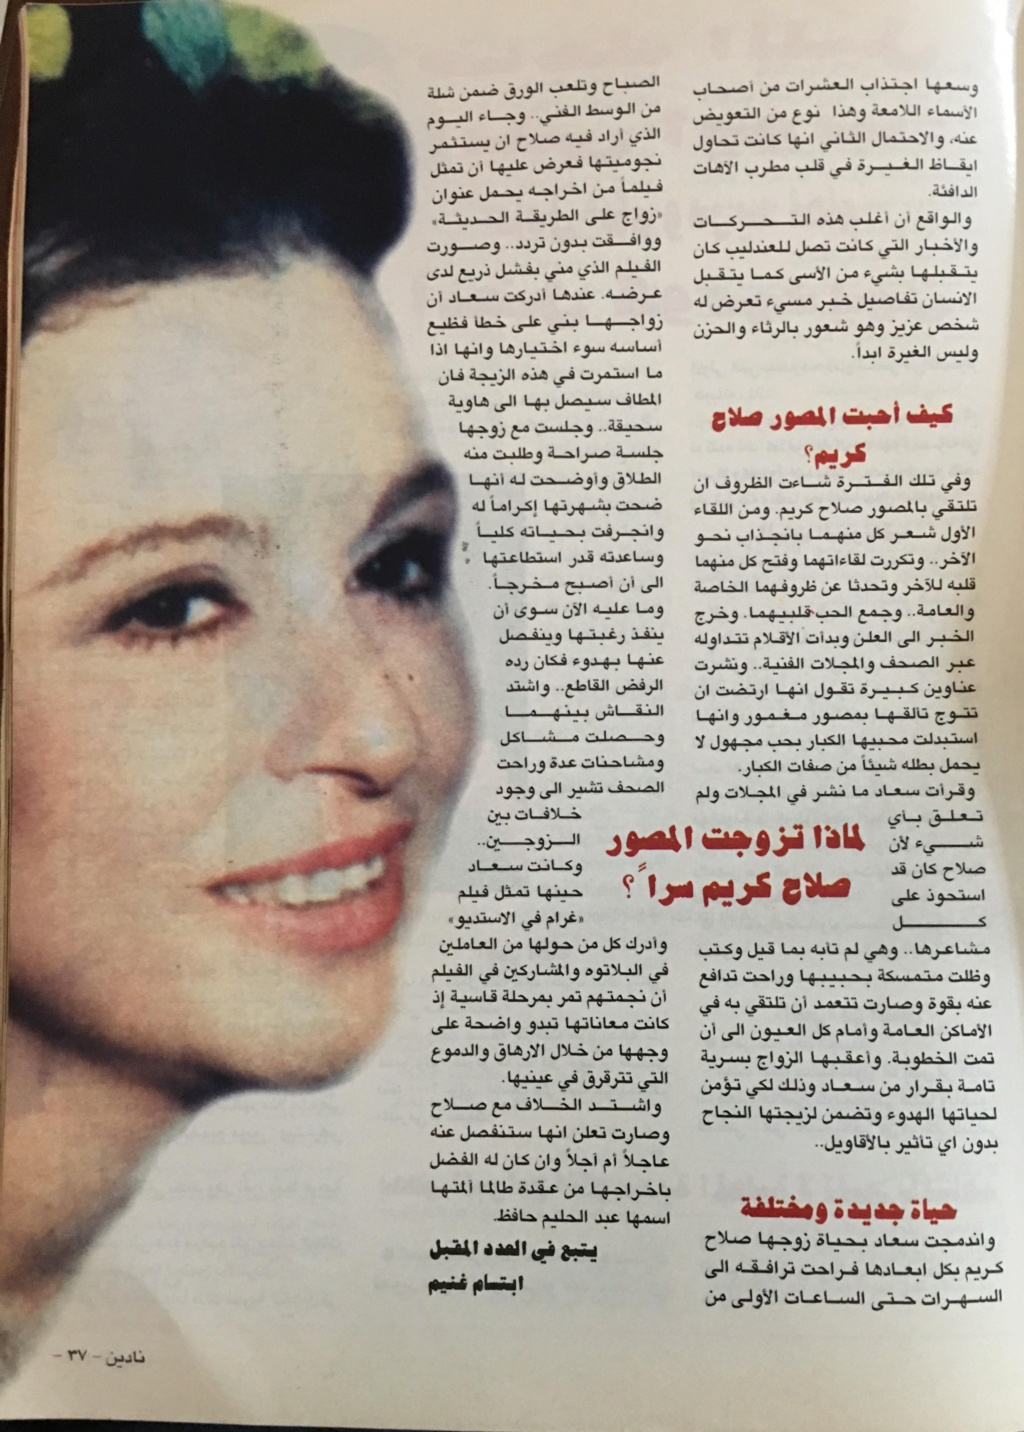 صحفي - مقال صحفي : السندريلا سعاد حسني .. أحبت أحمد رمزي لتغيظ عبدالحليم ! 1996 م (؟) 245